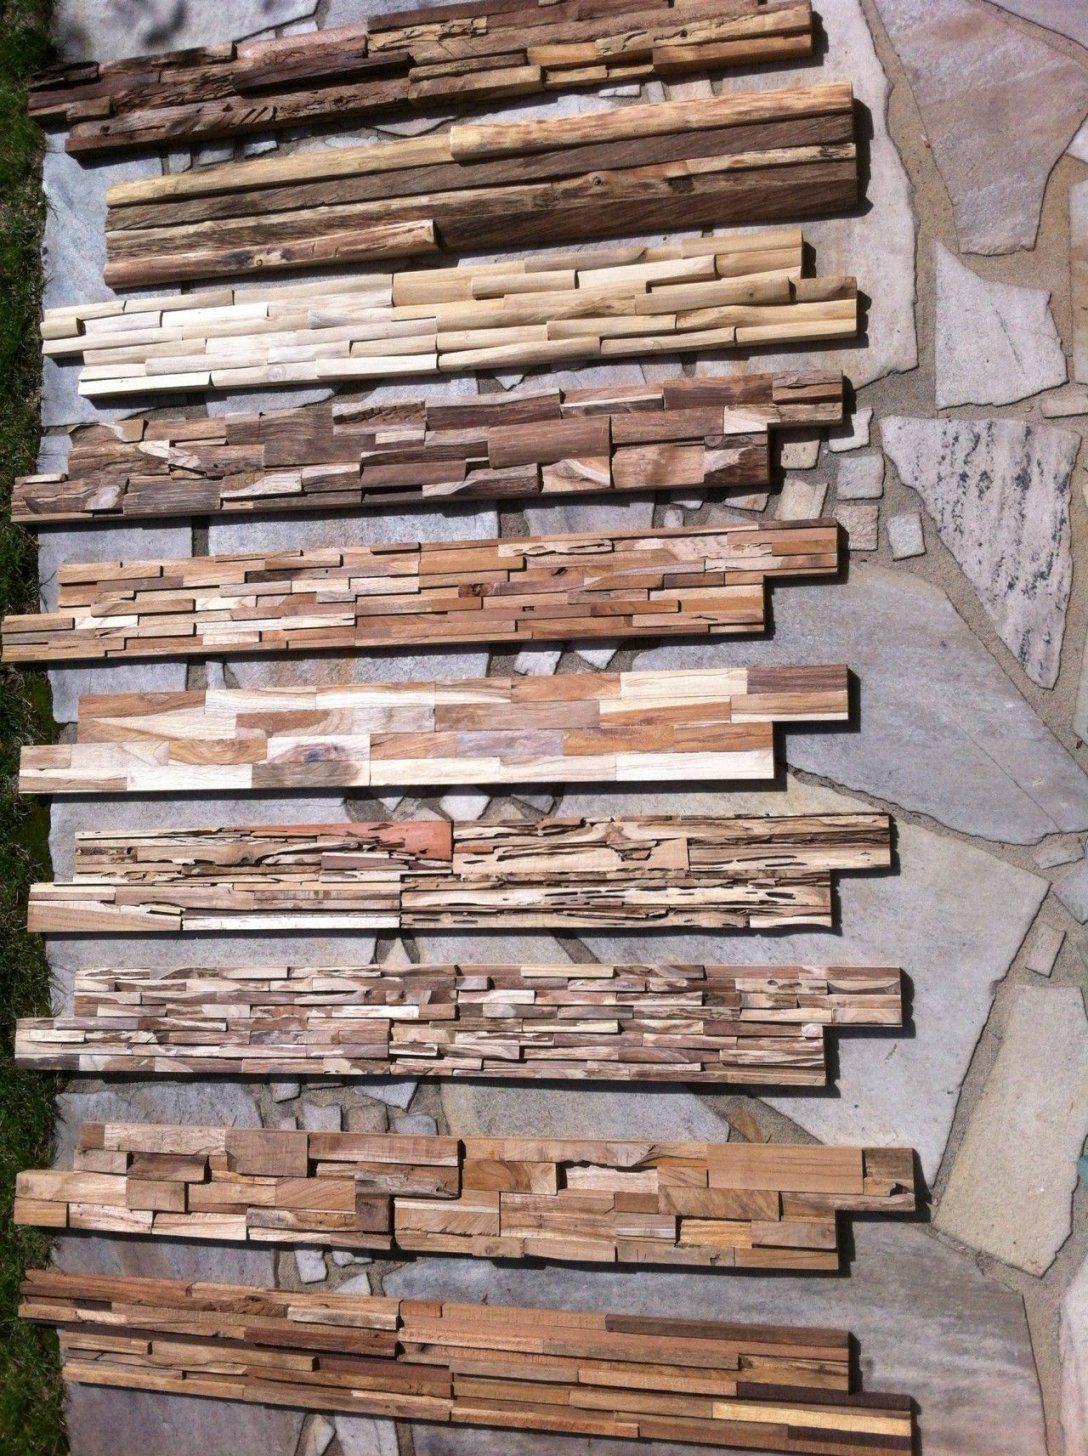 Wandverkleidung Holz  Diy  Pinterest  Wandverkleidung Holz von Holz Wandverkleidung Selber Machen Bild